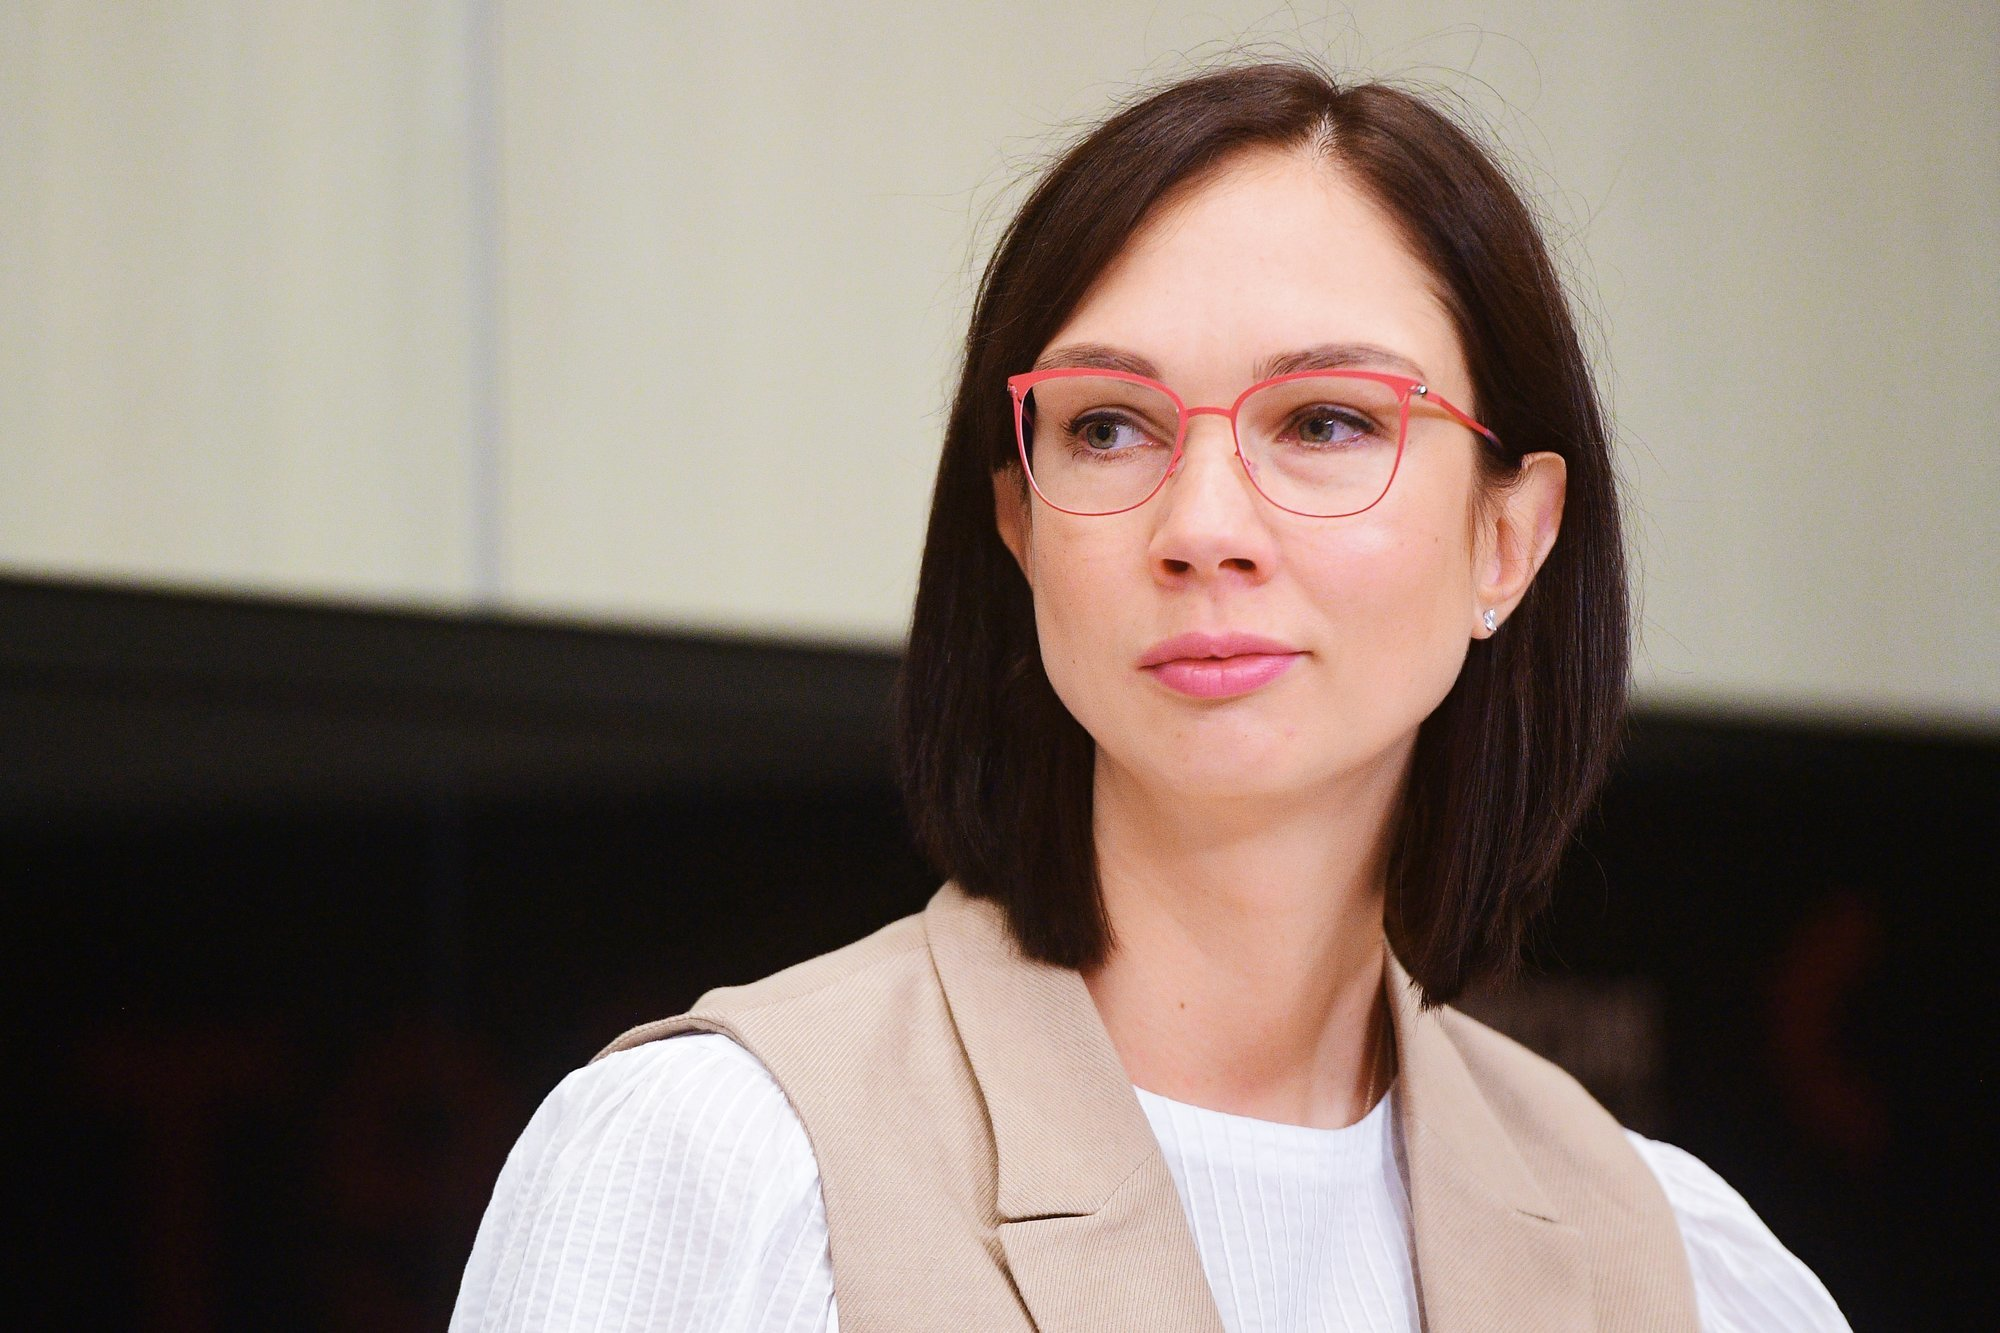 Екатерина Гамова: «Все познается в сравнении, мы переживаем карантин в комфорте, вокруг не идут военные действия»